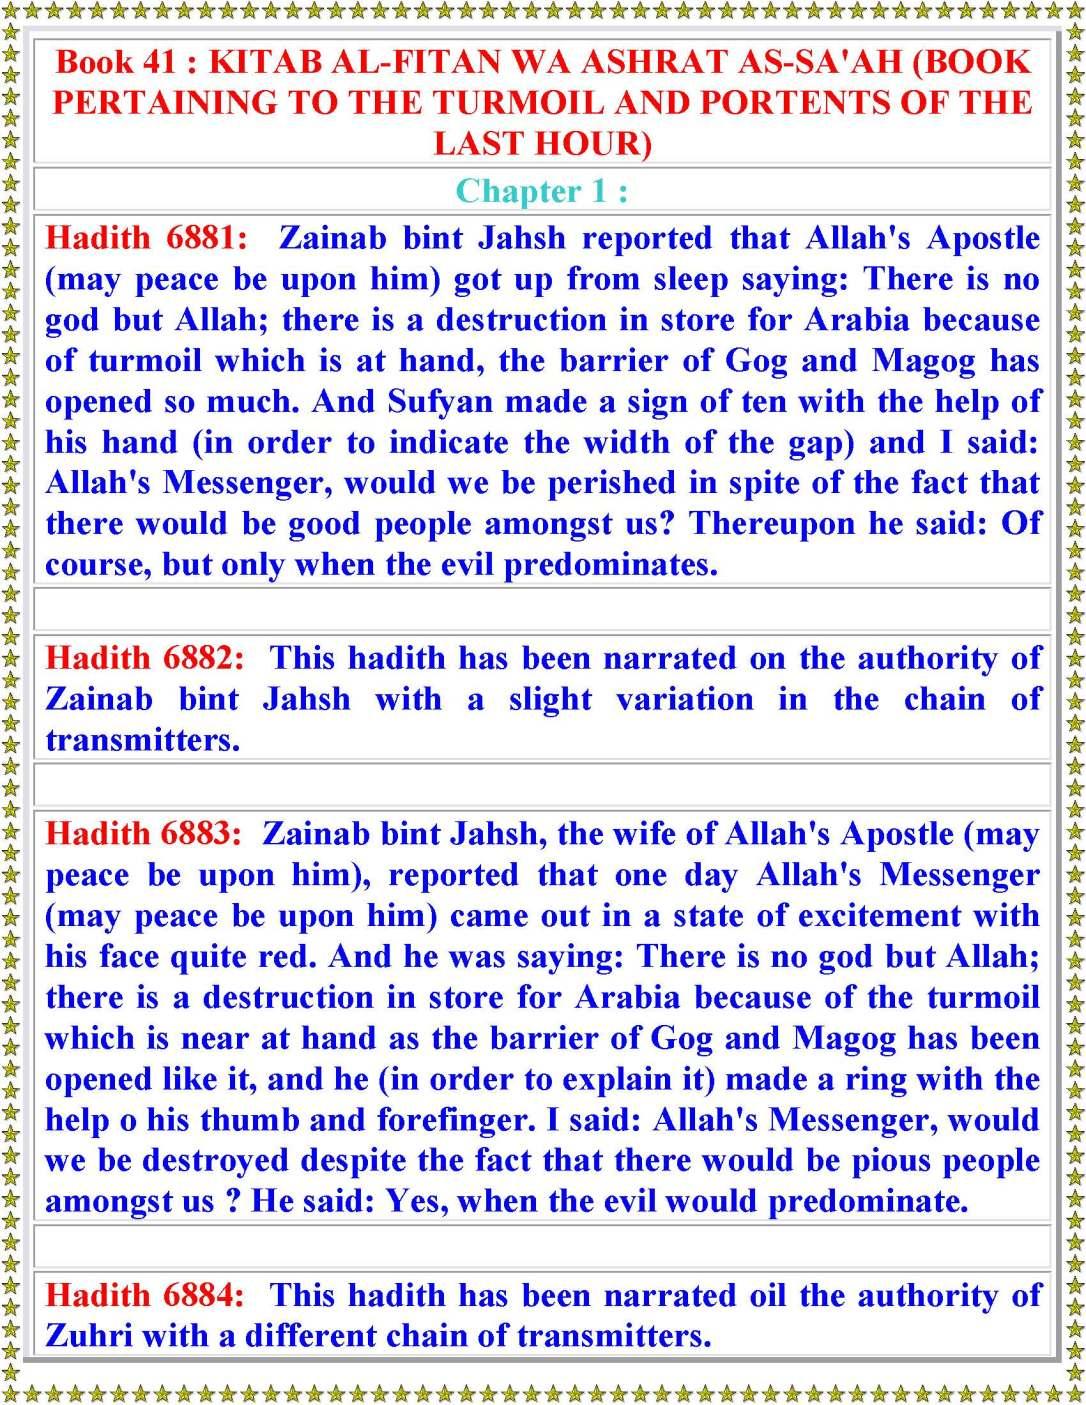 Book41_Kitab_Al_Fitn_Page_01